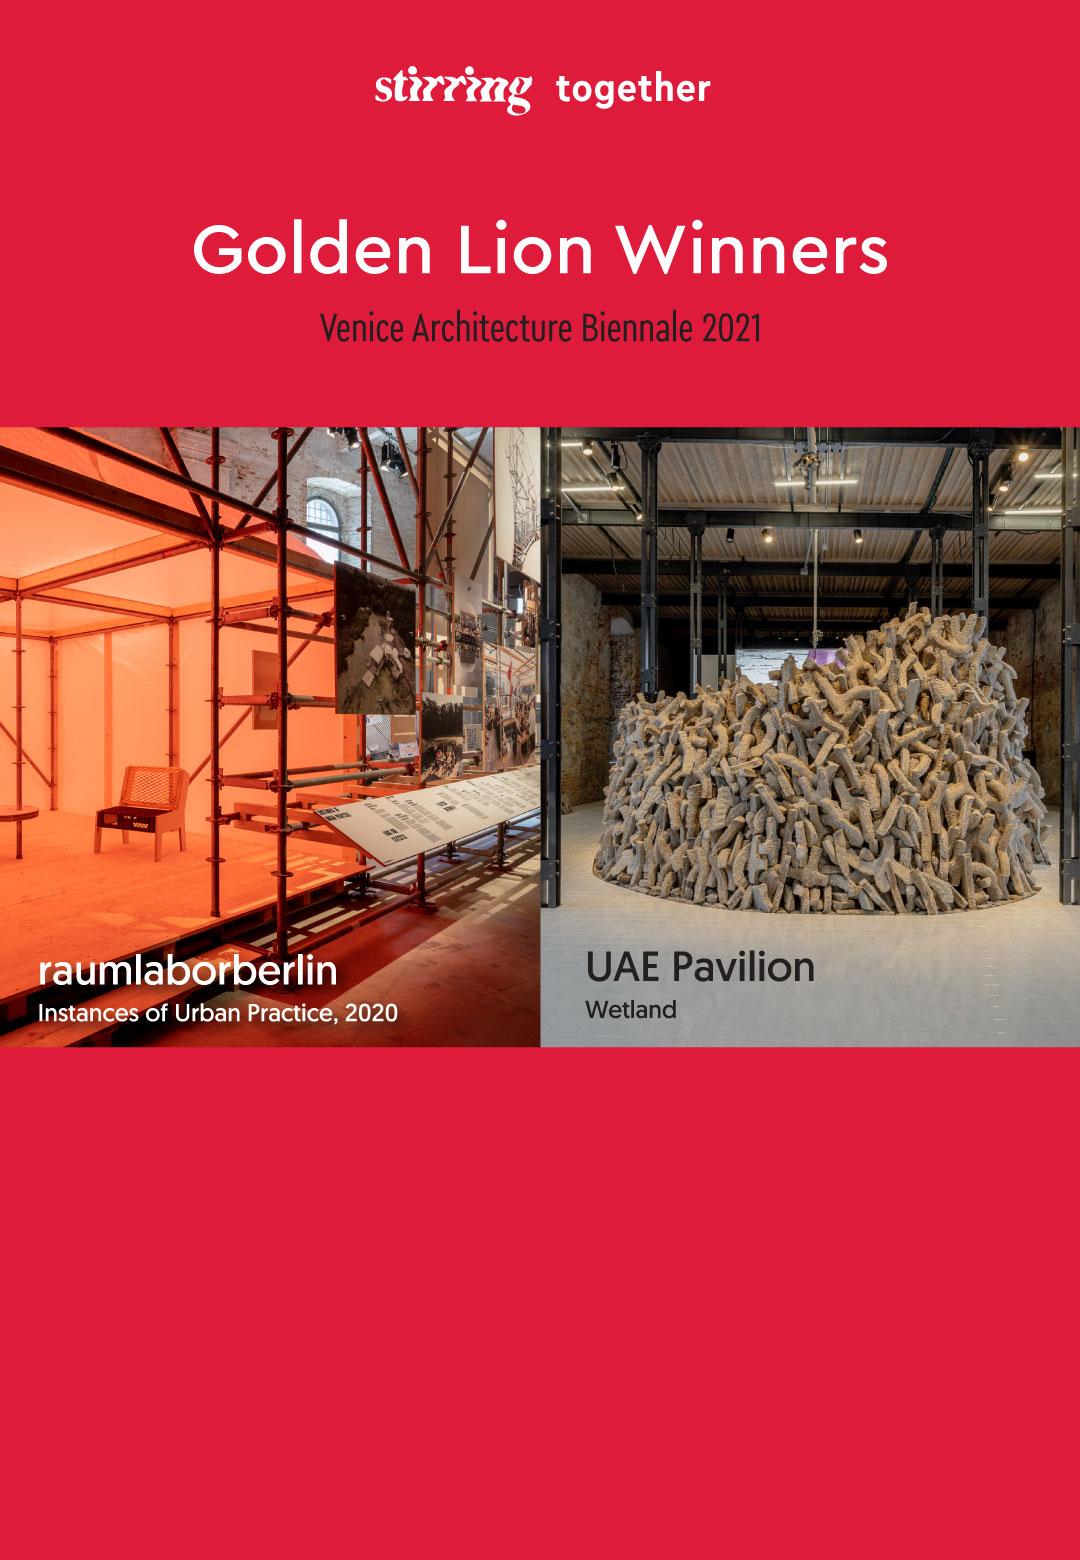 Venice Architecture Biennale 2021 announces recipient of the Golden Lion   Venice Architecture Biennale 2021   Golden Lion   STIRworld